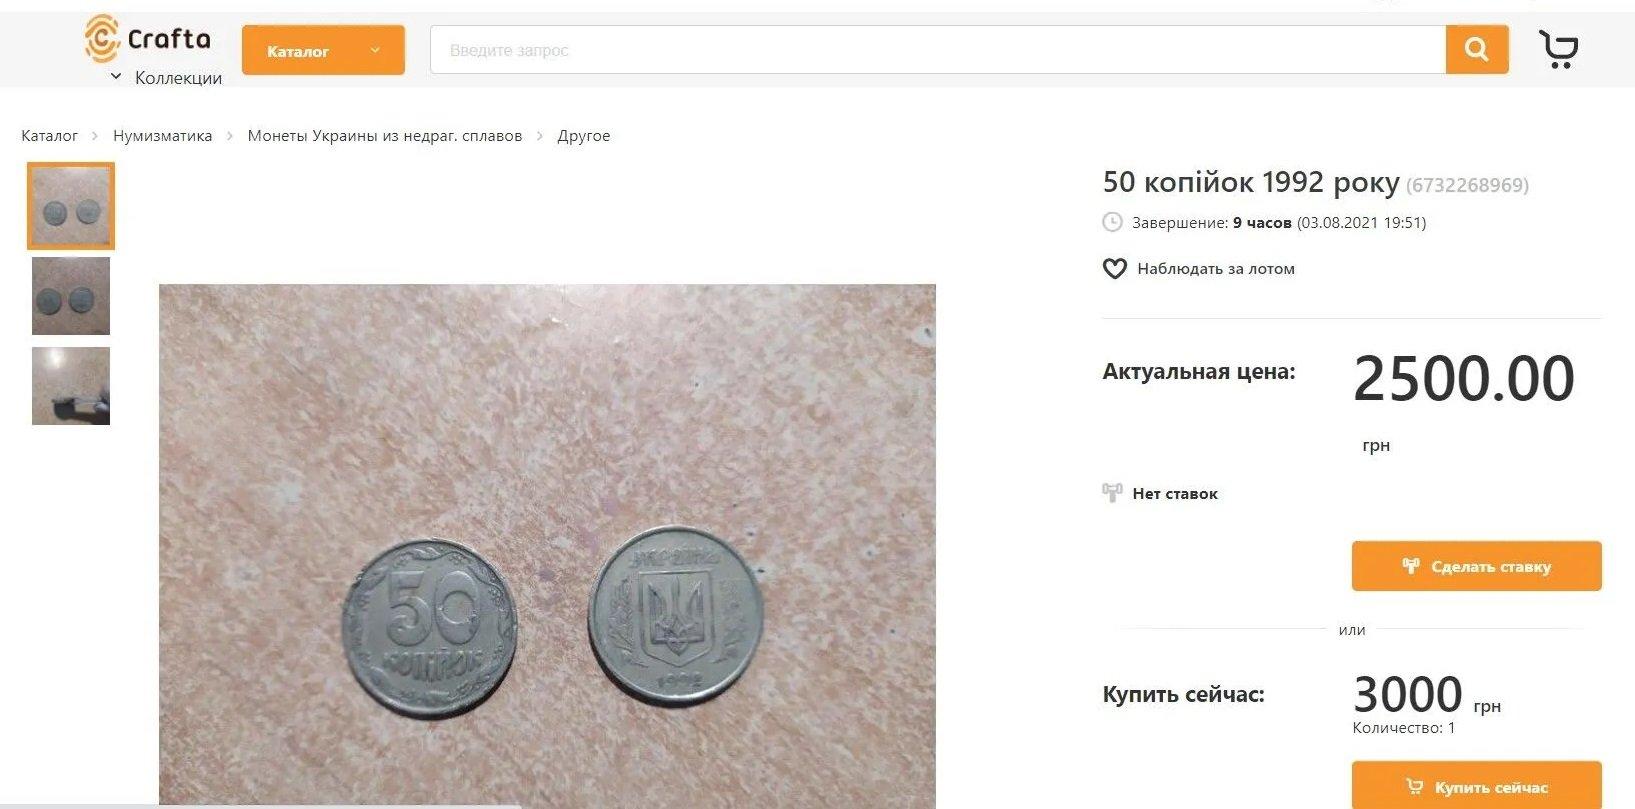 Українцям показали, які з діючих монет вже зараз можна продати за 3000 гривень